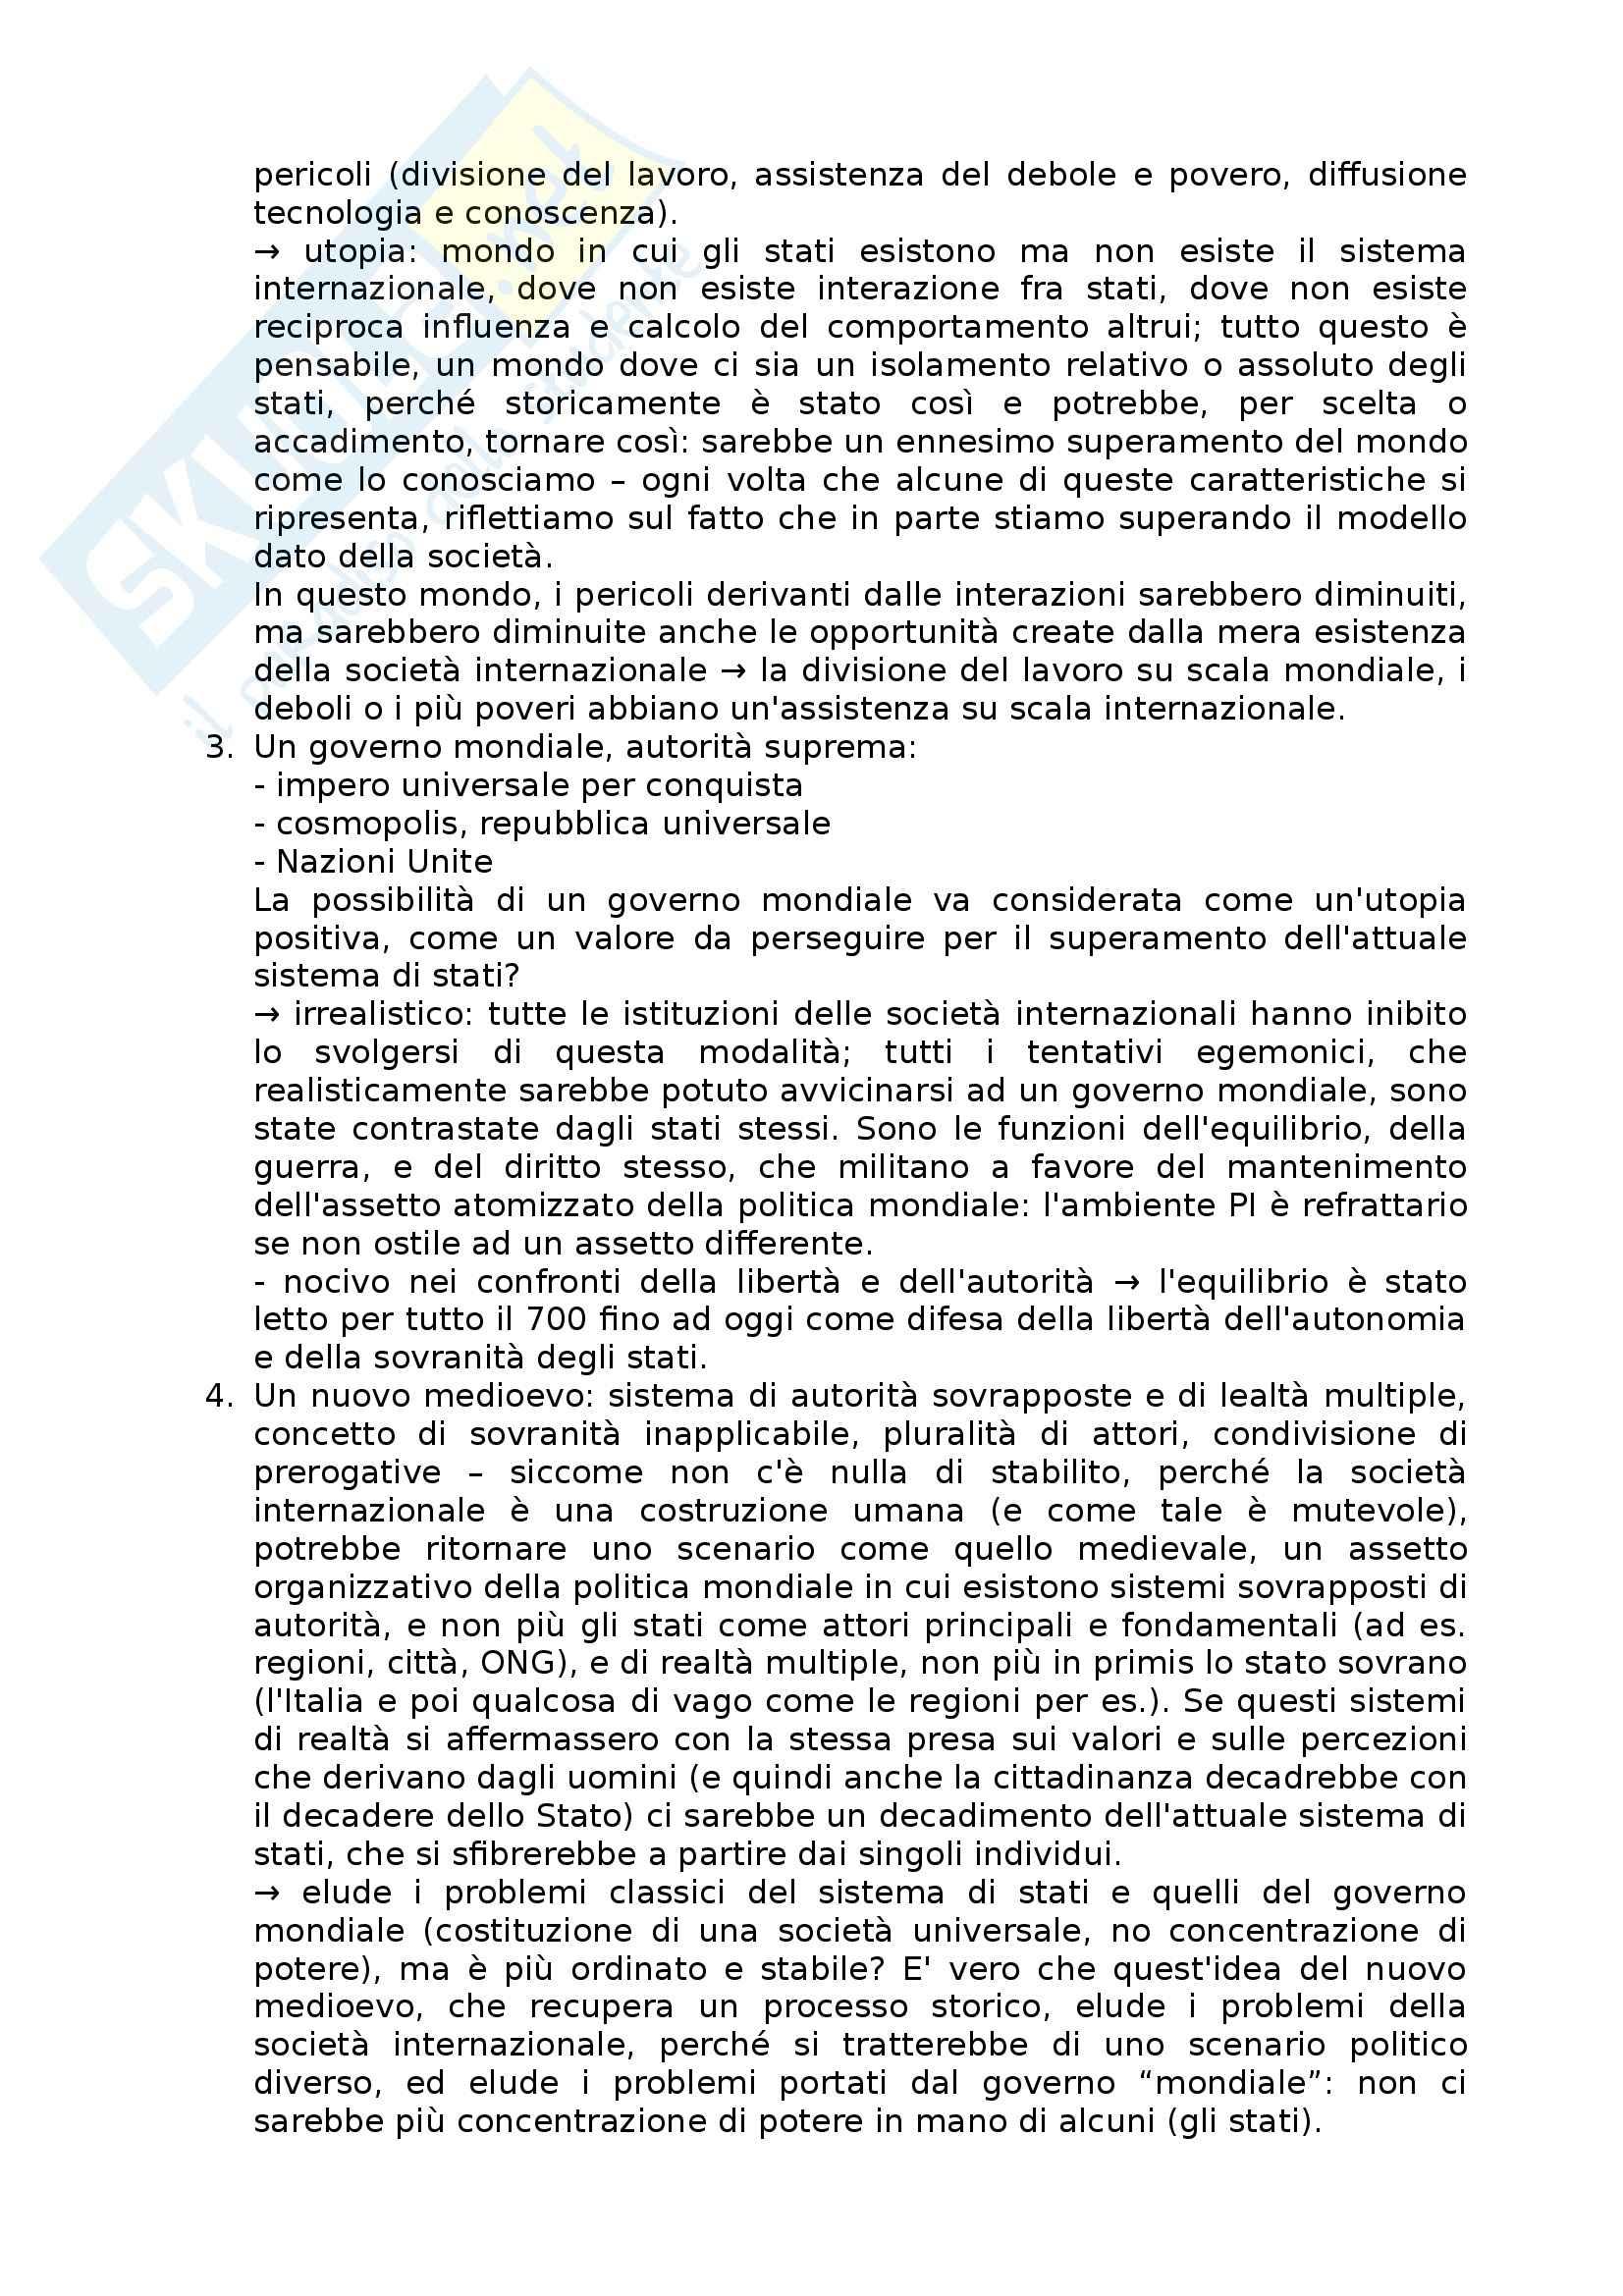 Lezioni, Relazioni internazionali Pag. 81